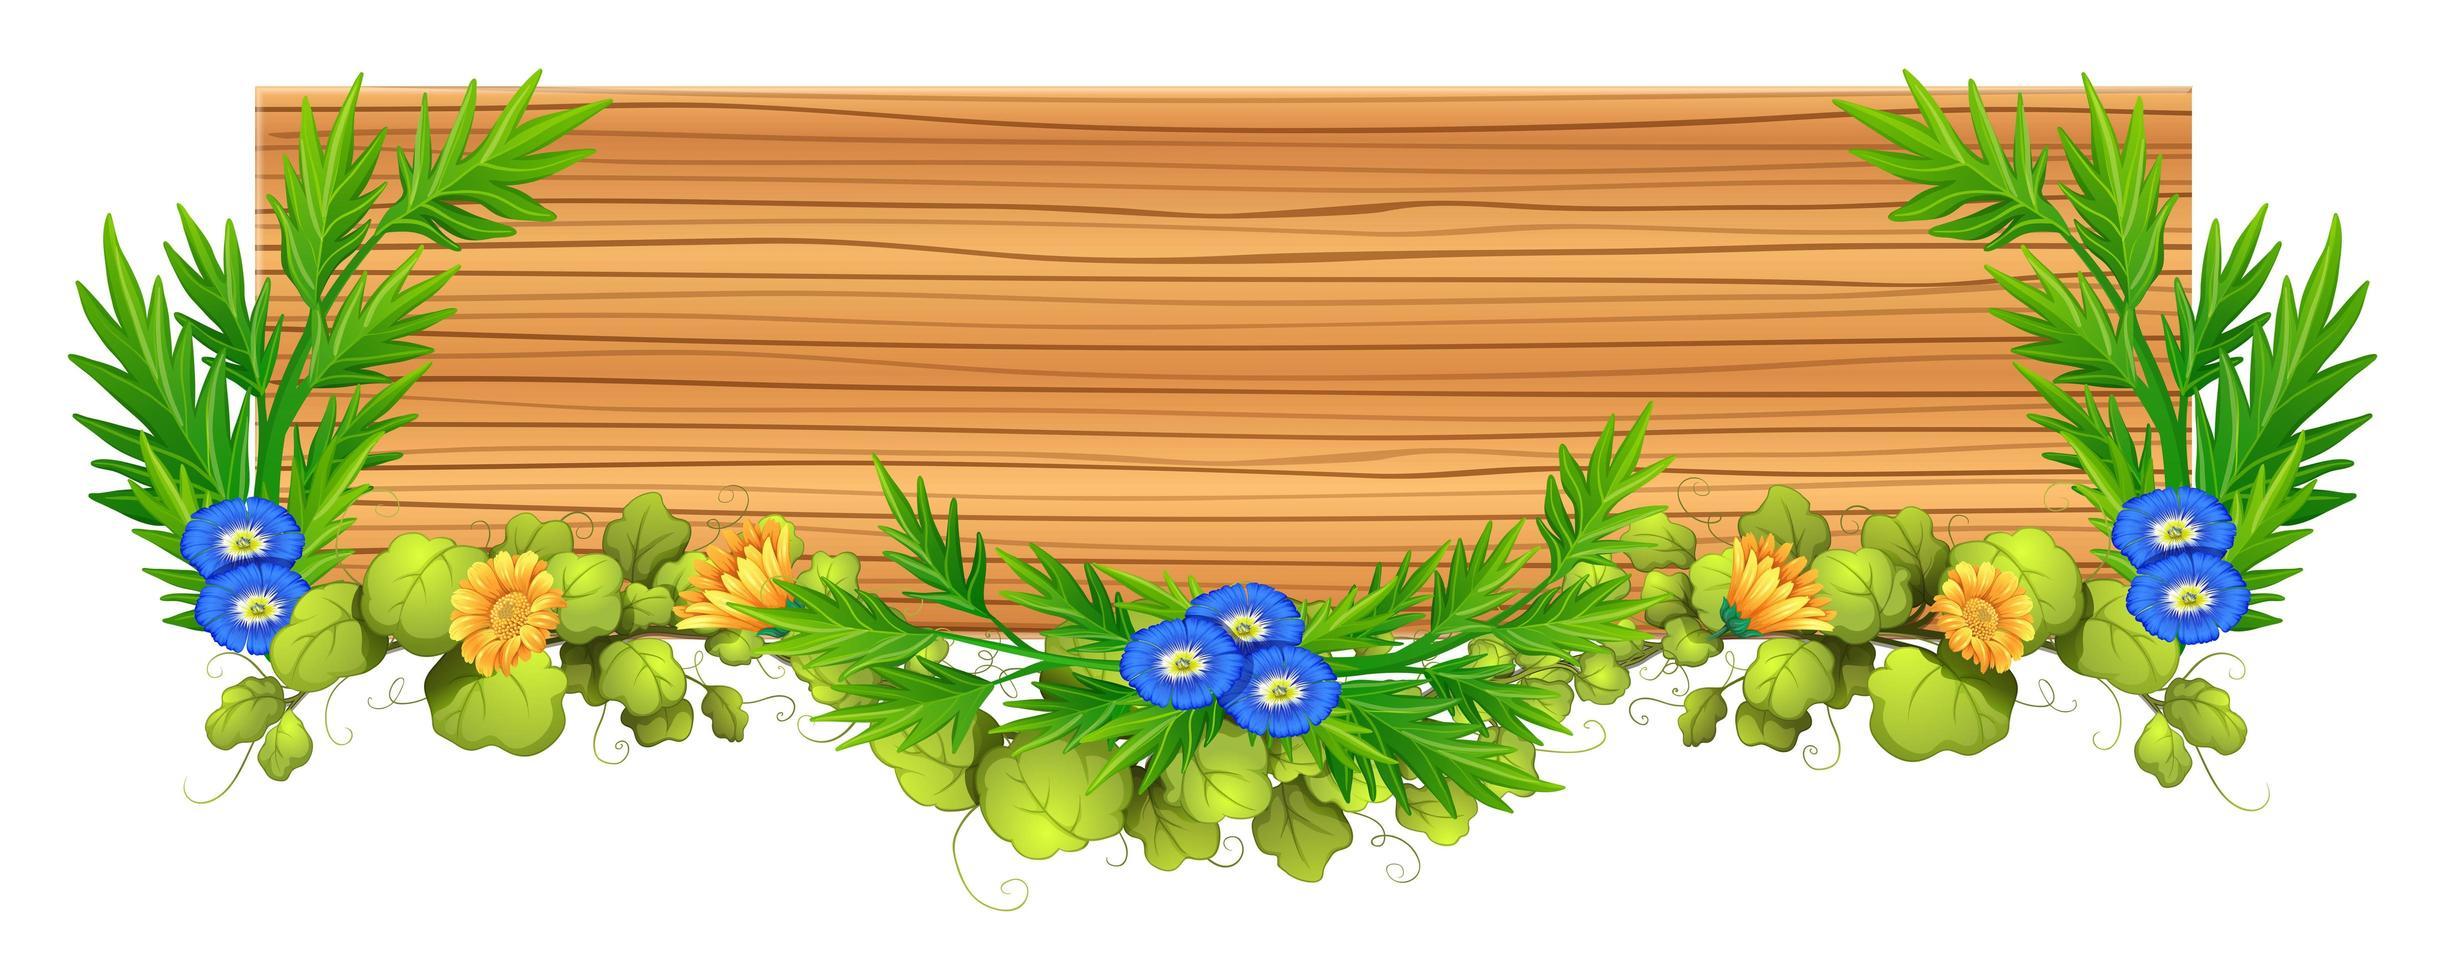 tabla de madera con vid y flor vector